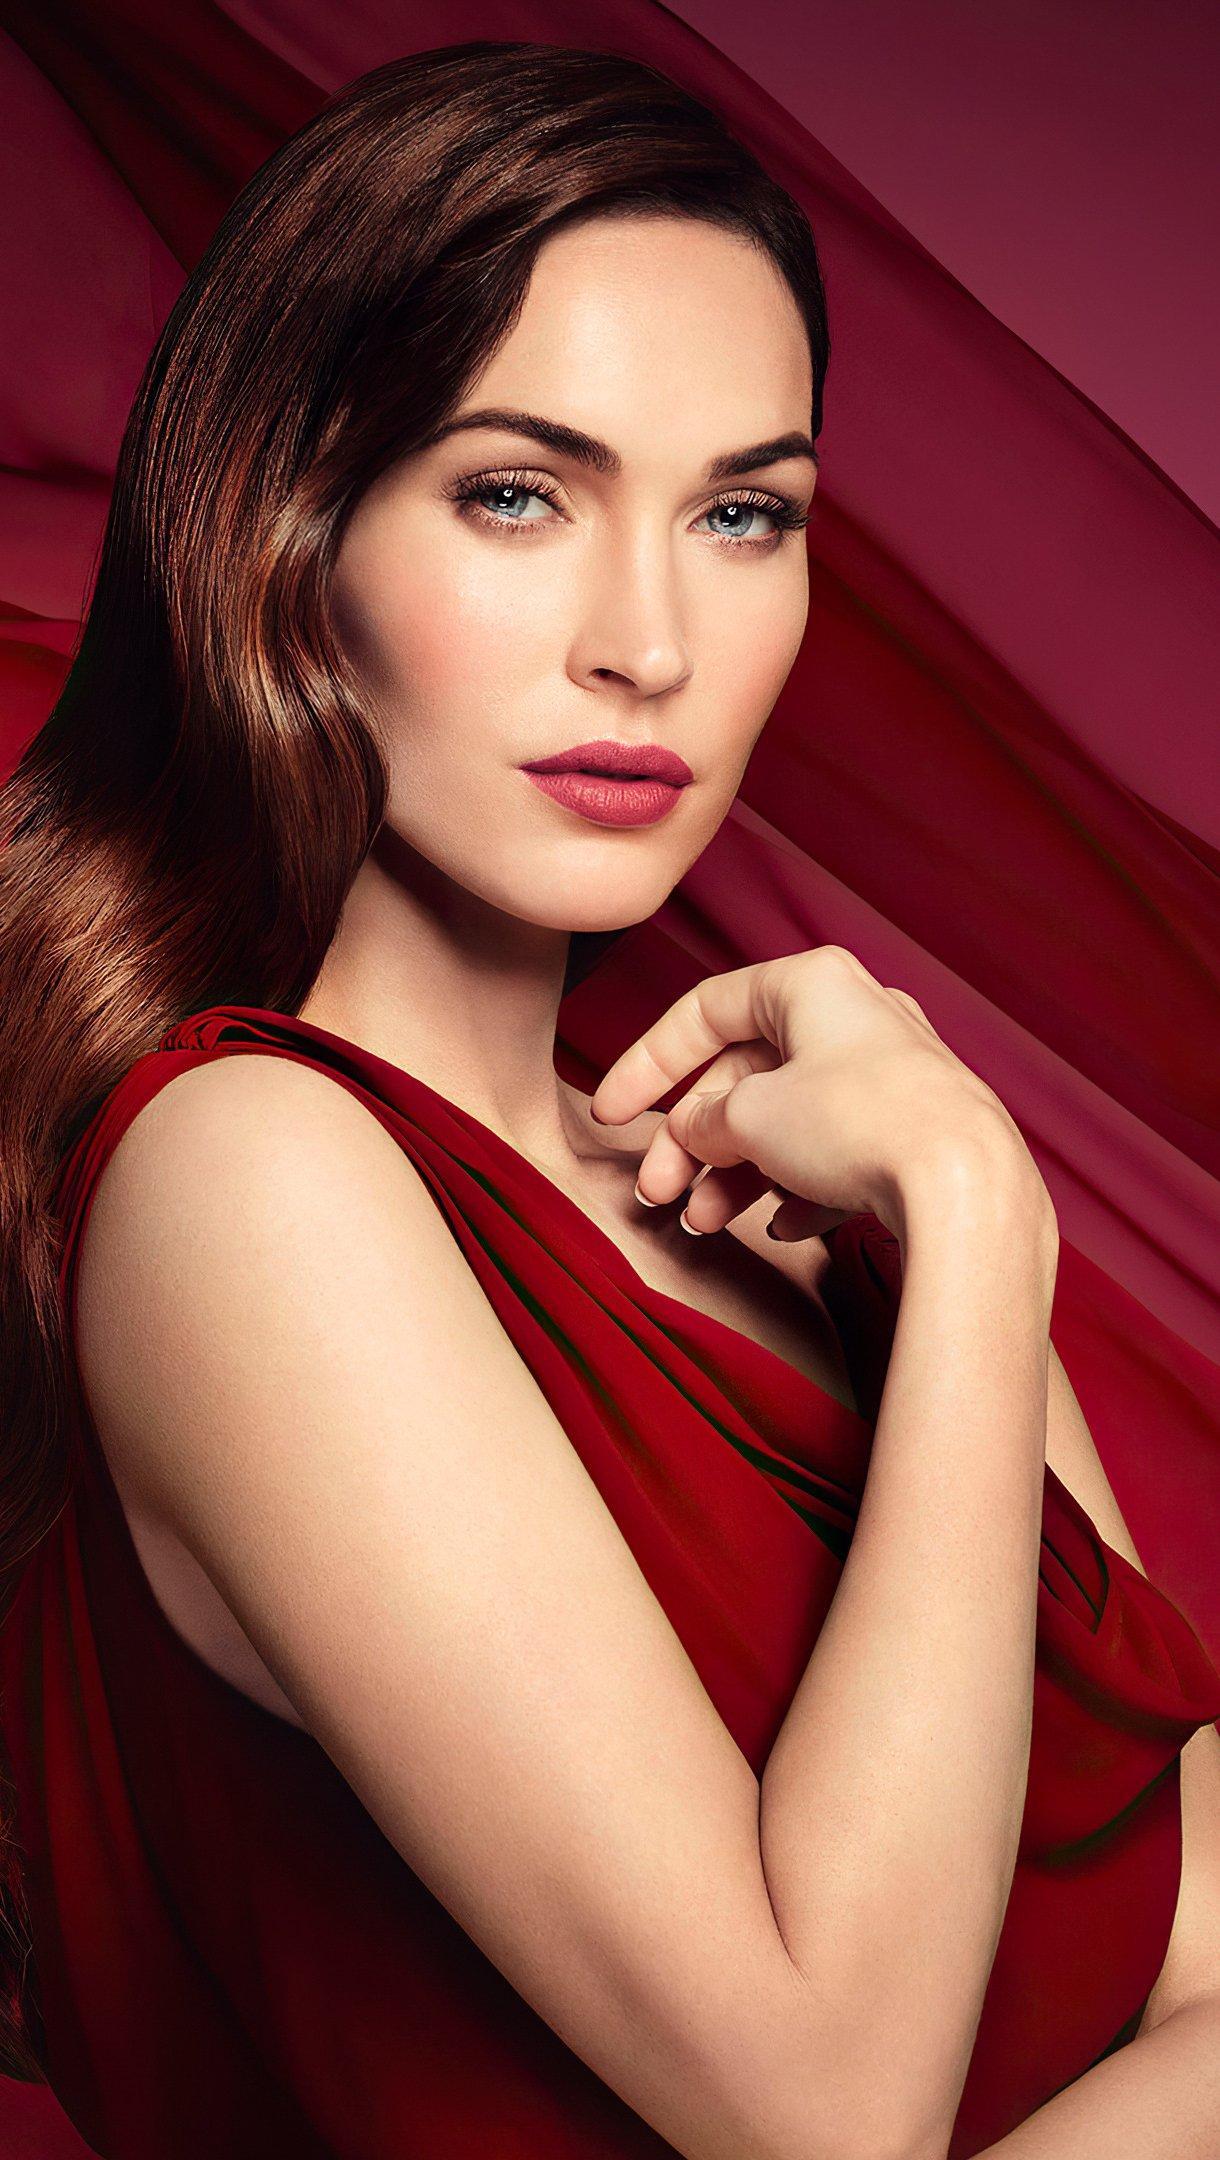 Fondos de pantalla Megan Fox Vestido Rojo Vertical